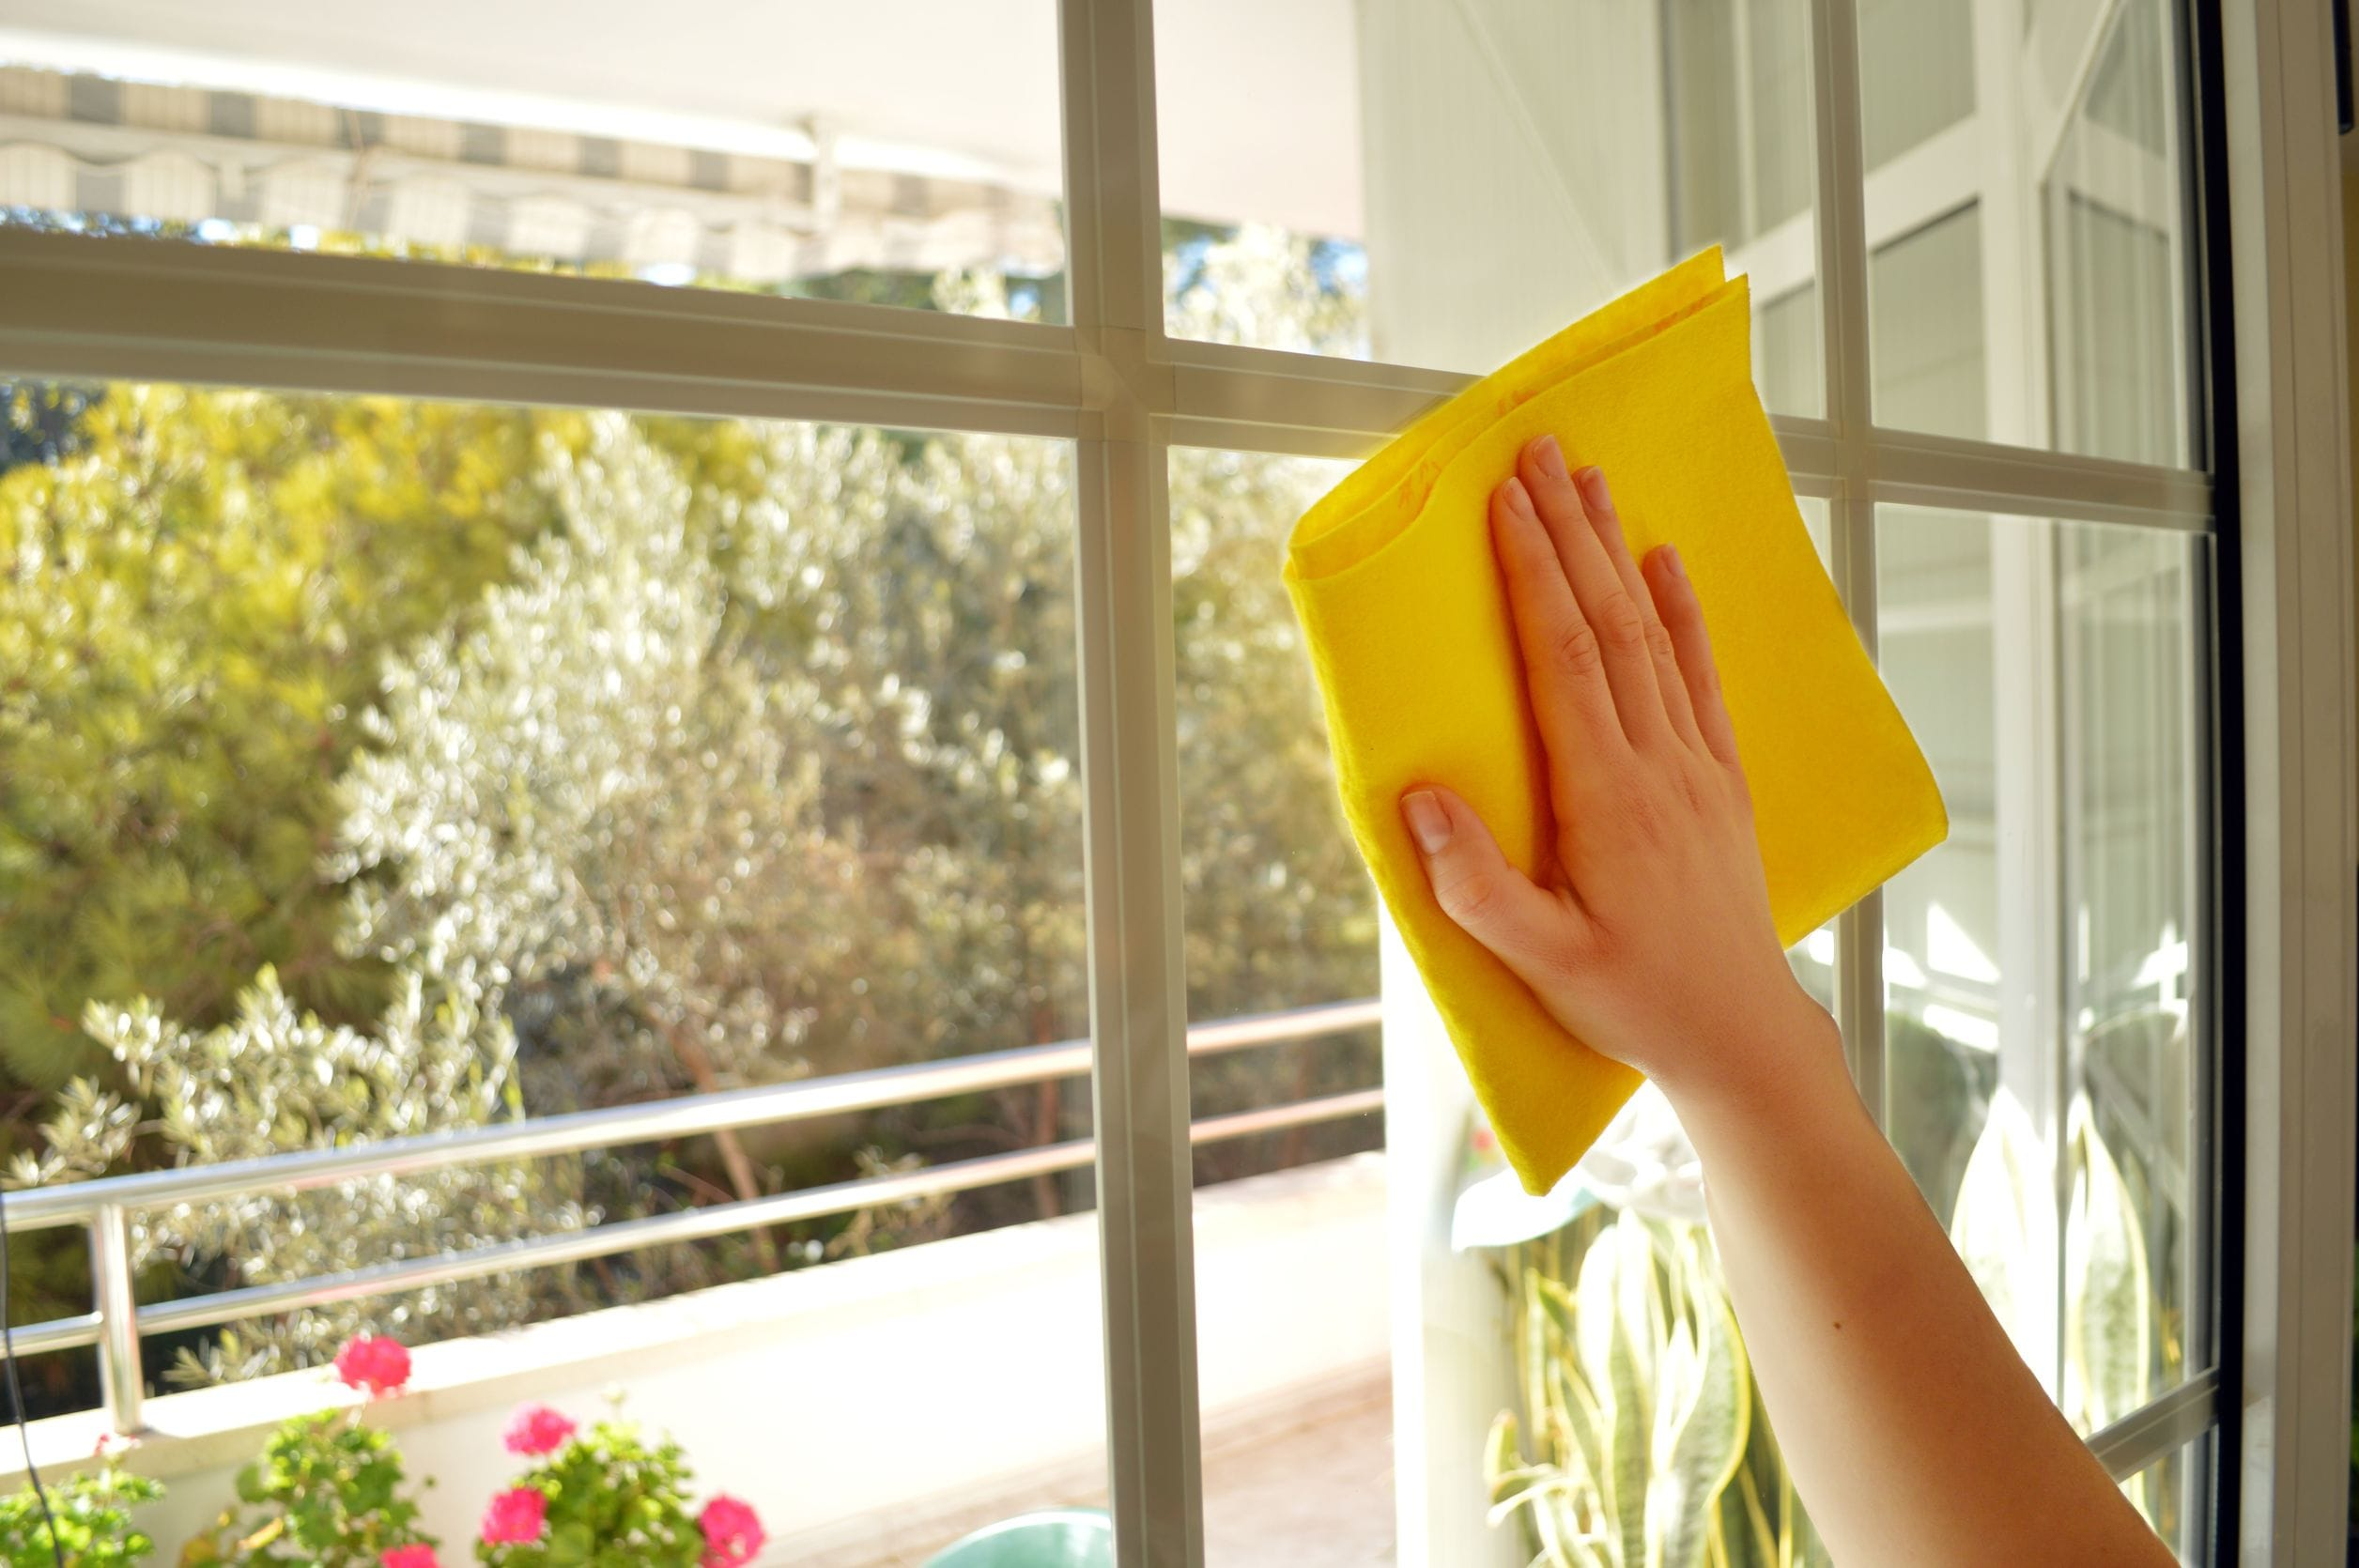 mytí skleněných povrchů